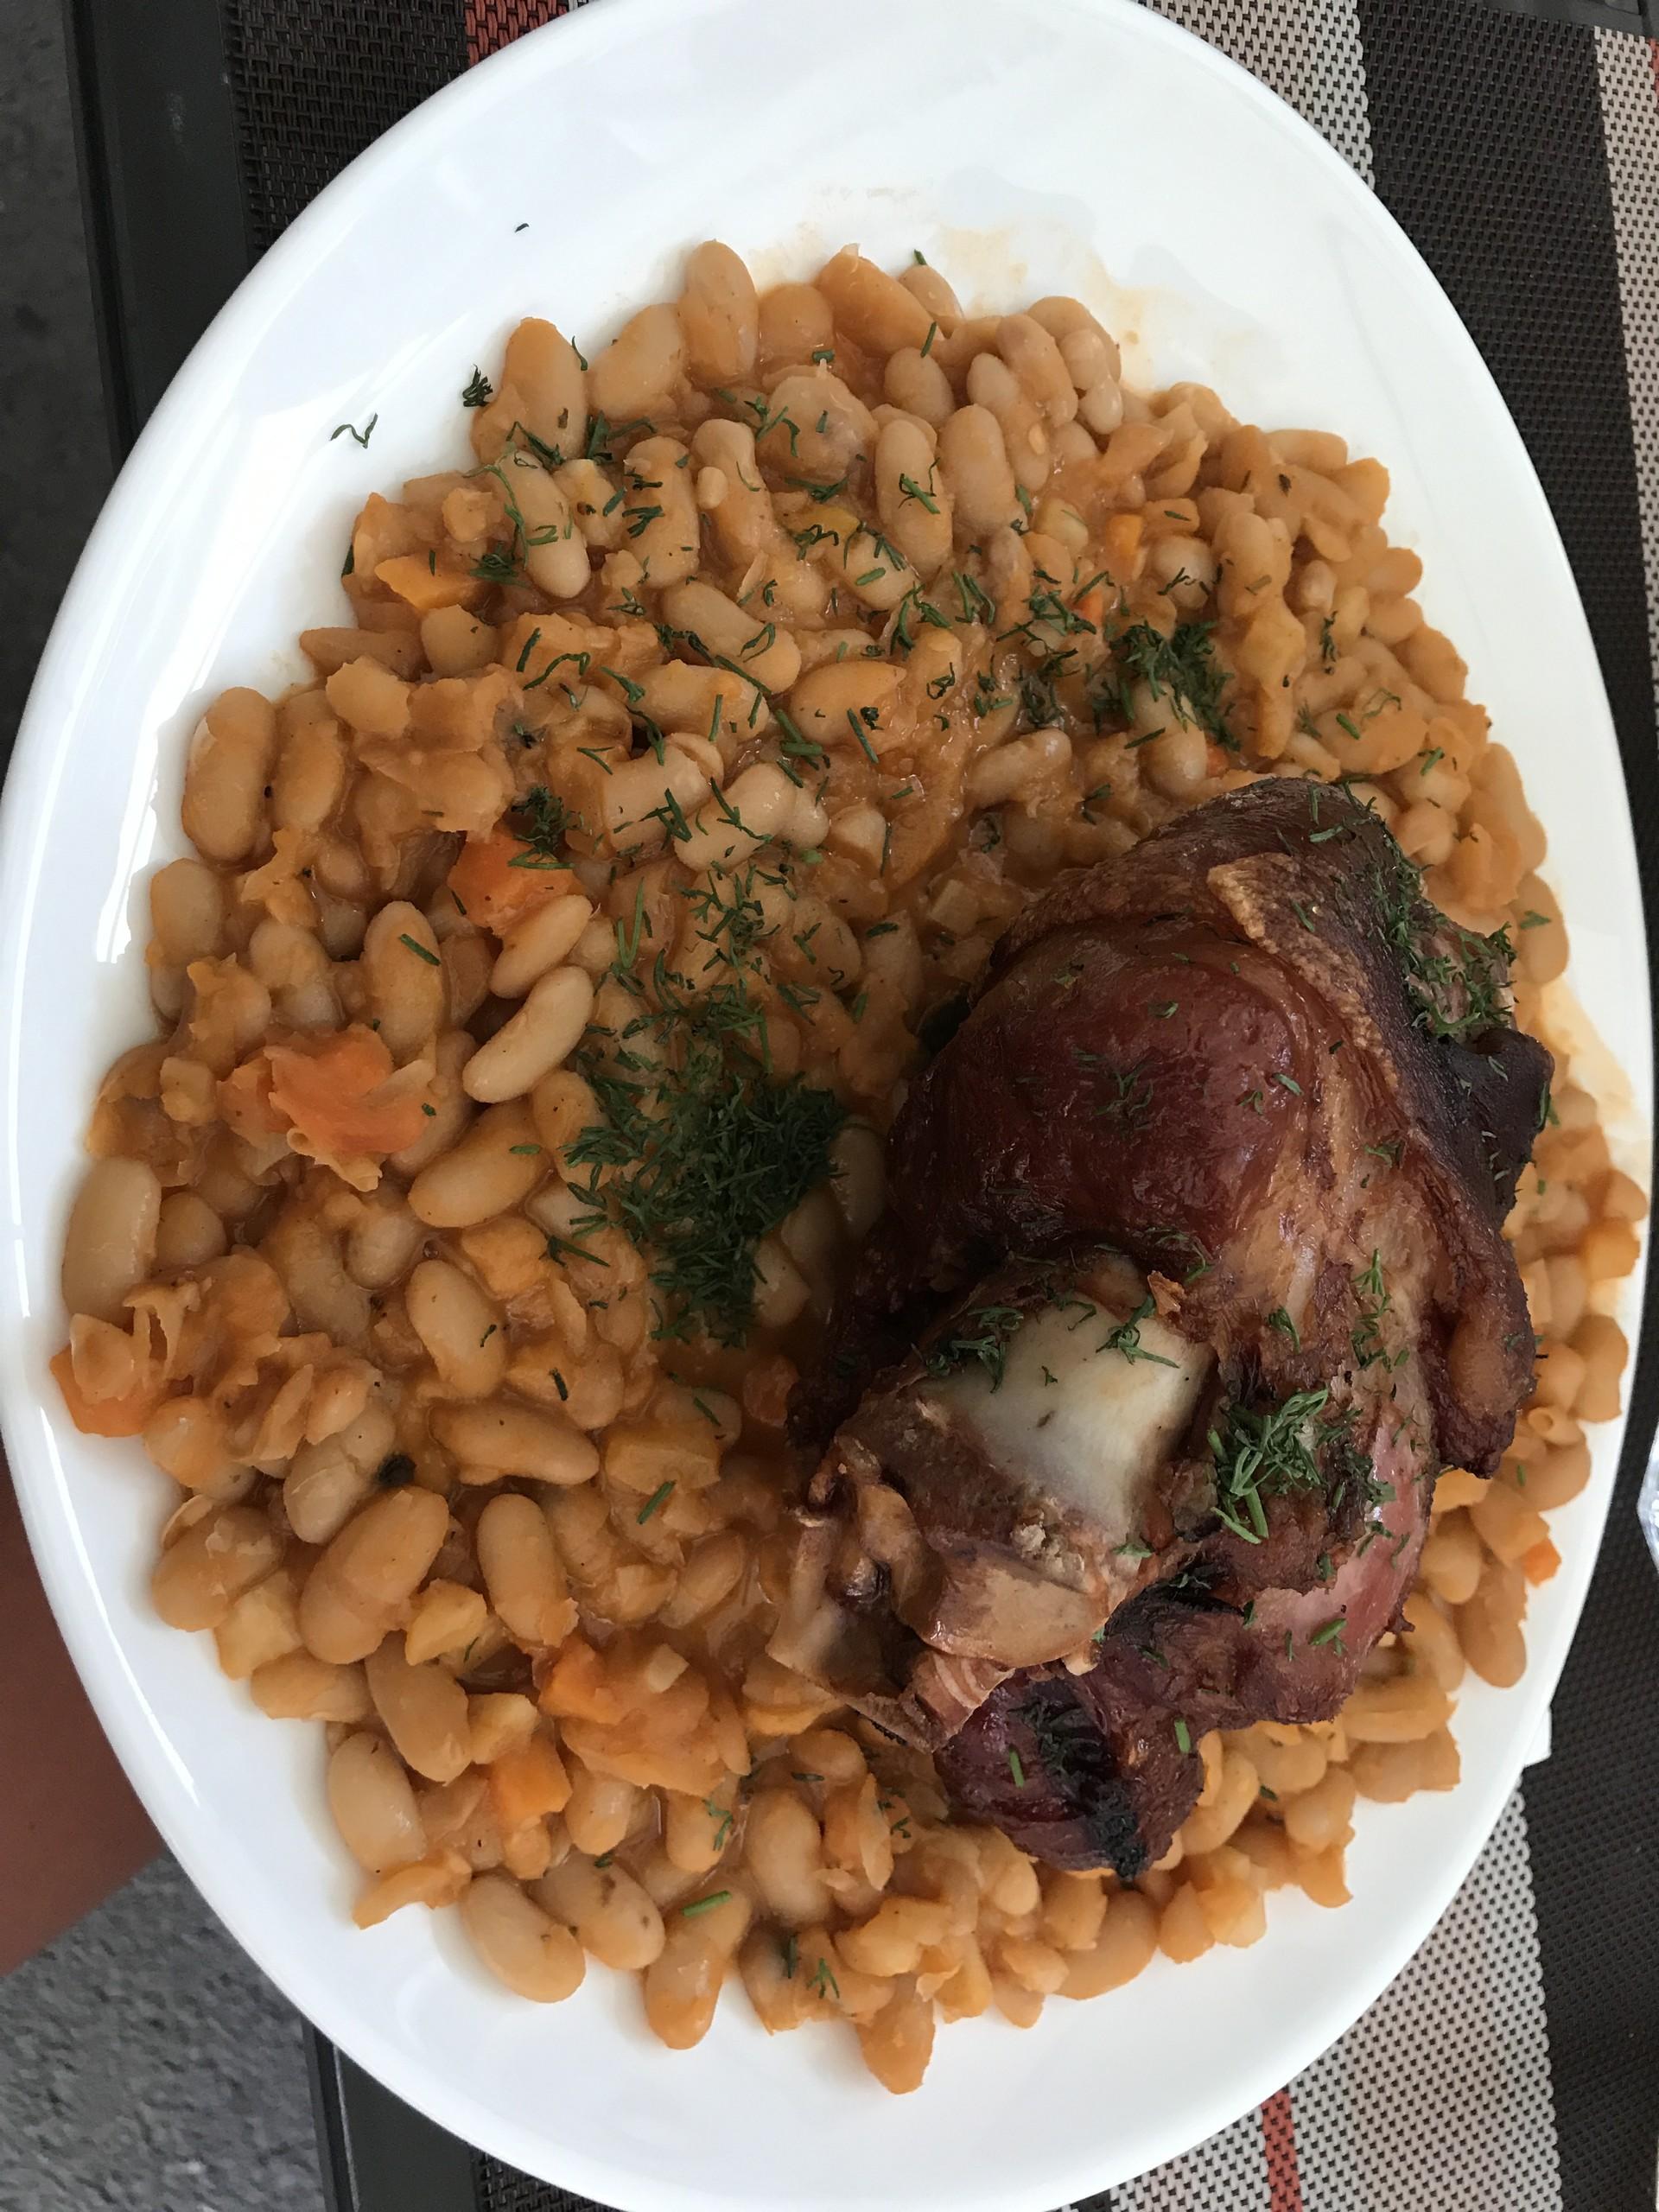 cena-ristorante-la-mama-e798d371f587f2c7